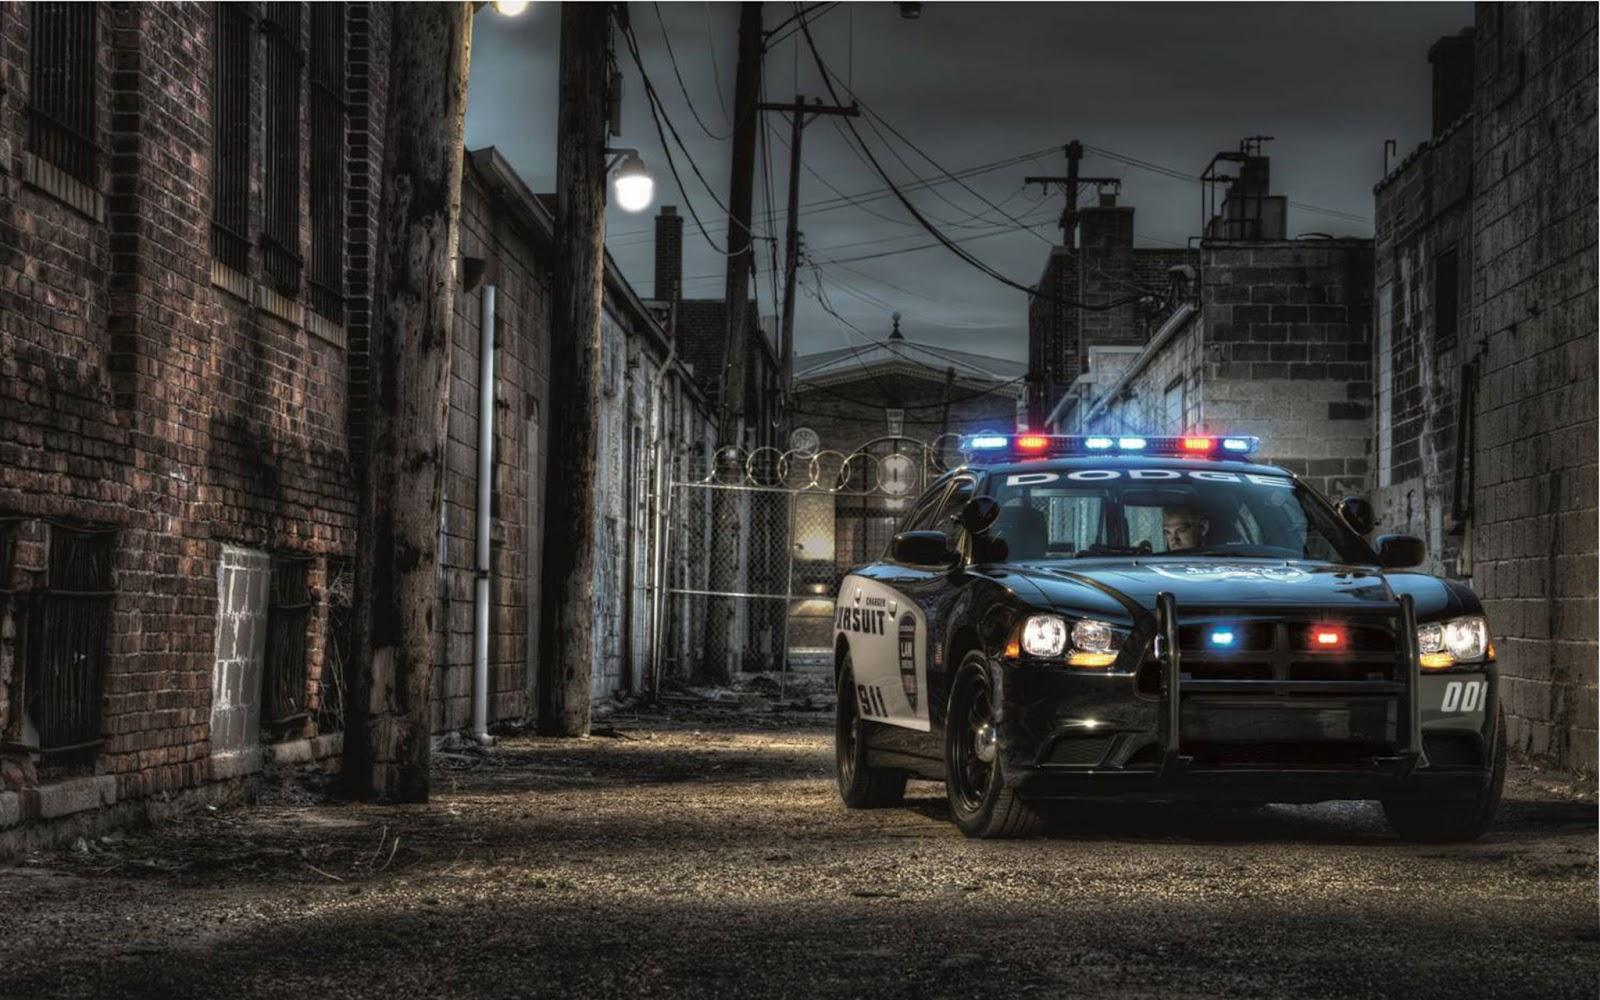 Wallpaper hd :2014 Dodge Charger Pursuit